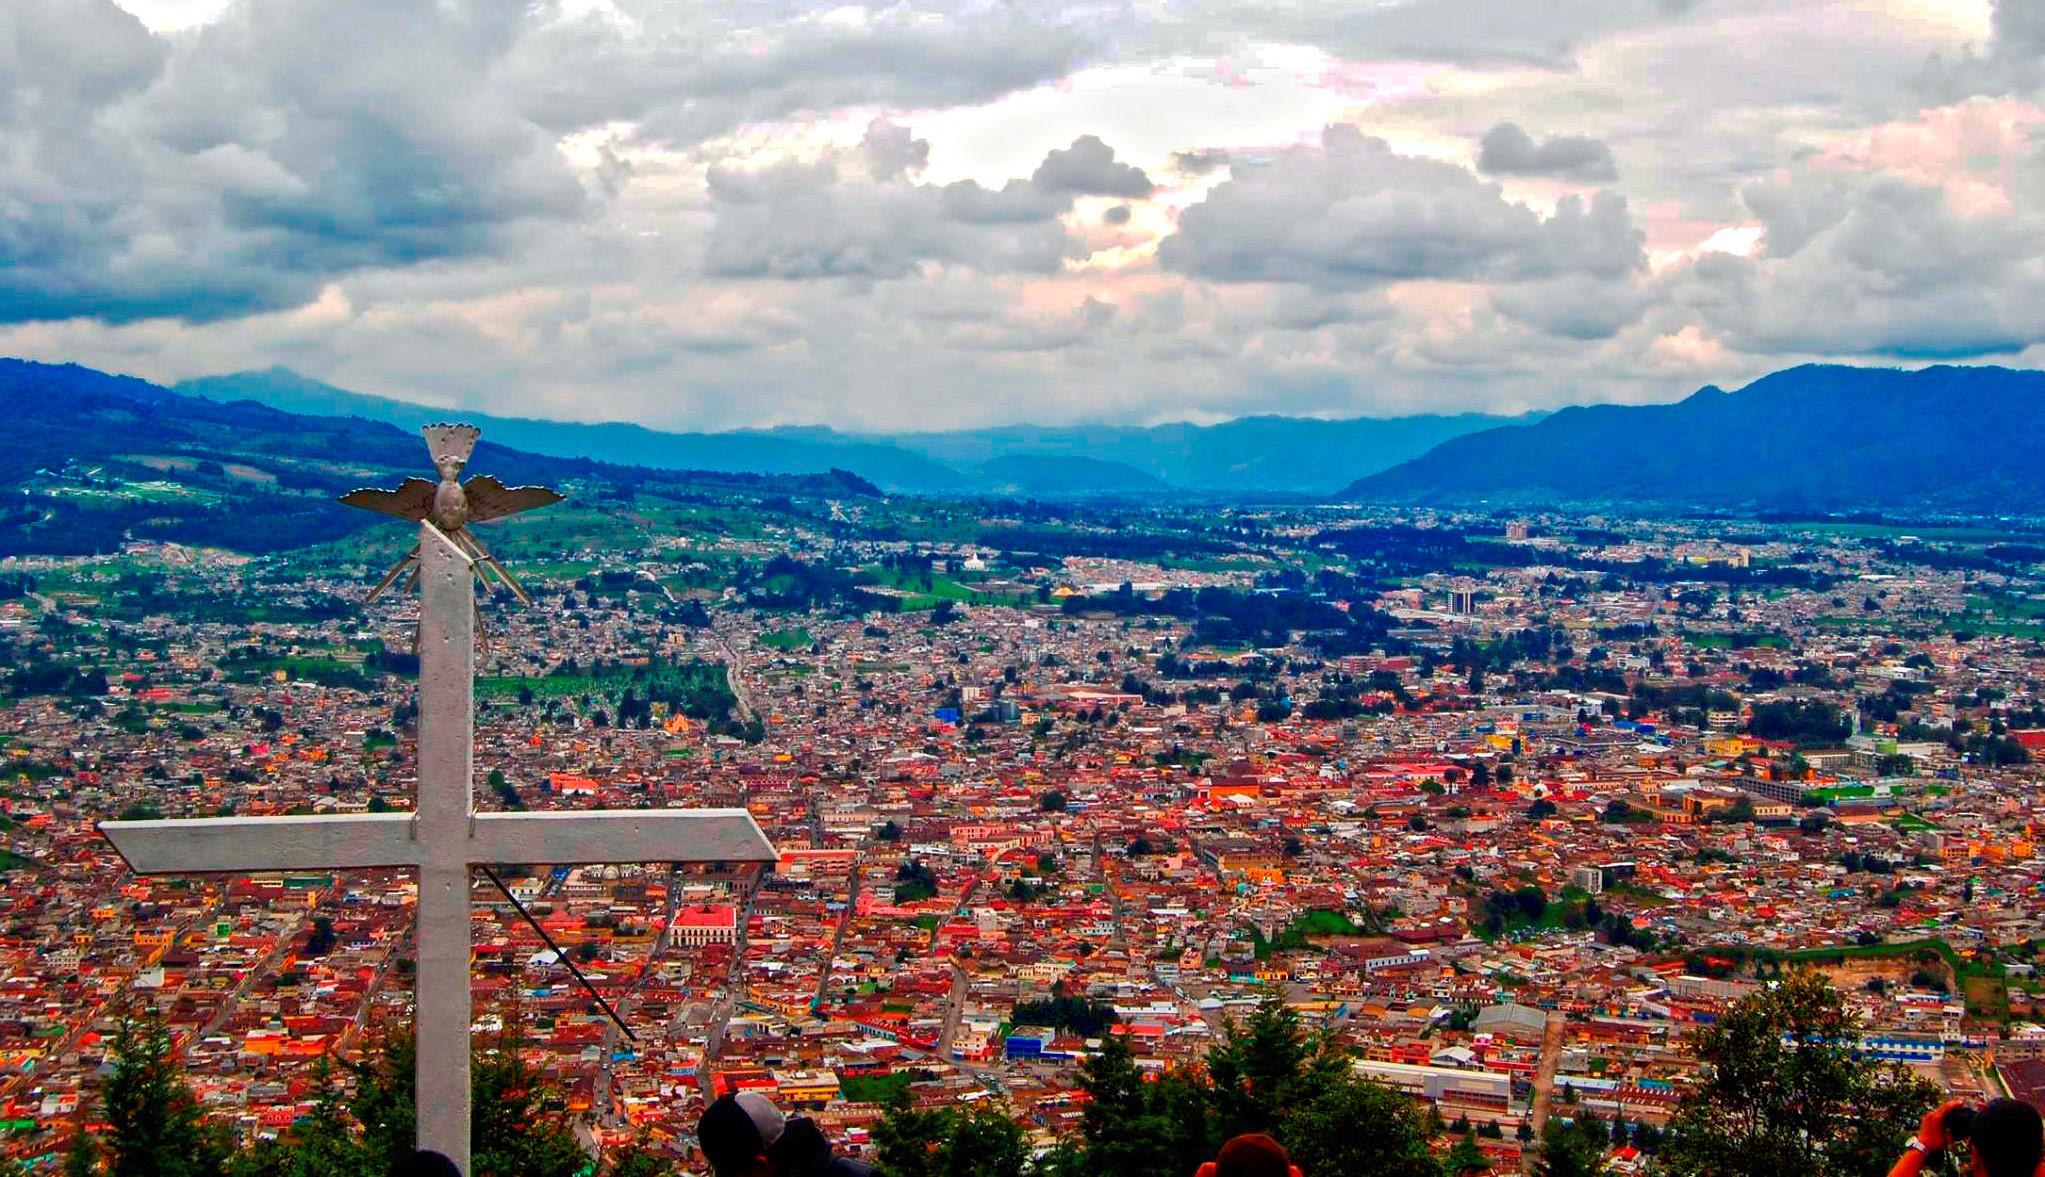 Archivo:Panorámica de Quetzaltenango.jpg - Wikipedia, la enciclopedia libre